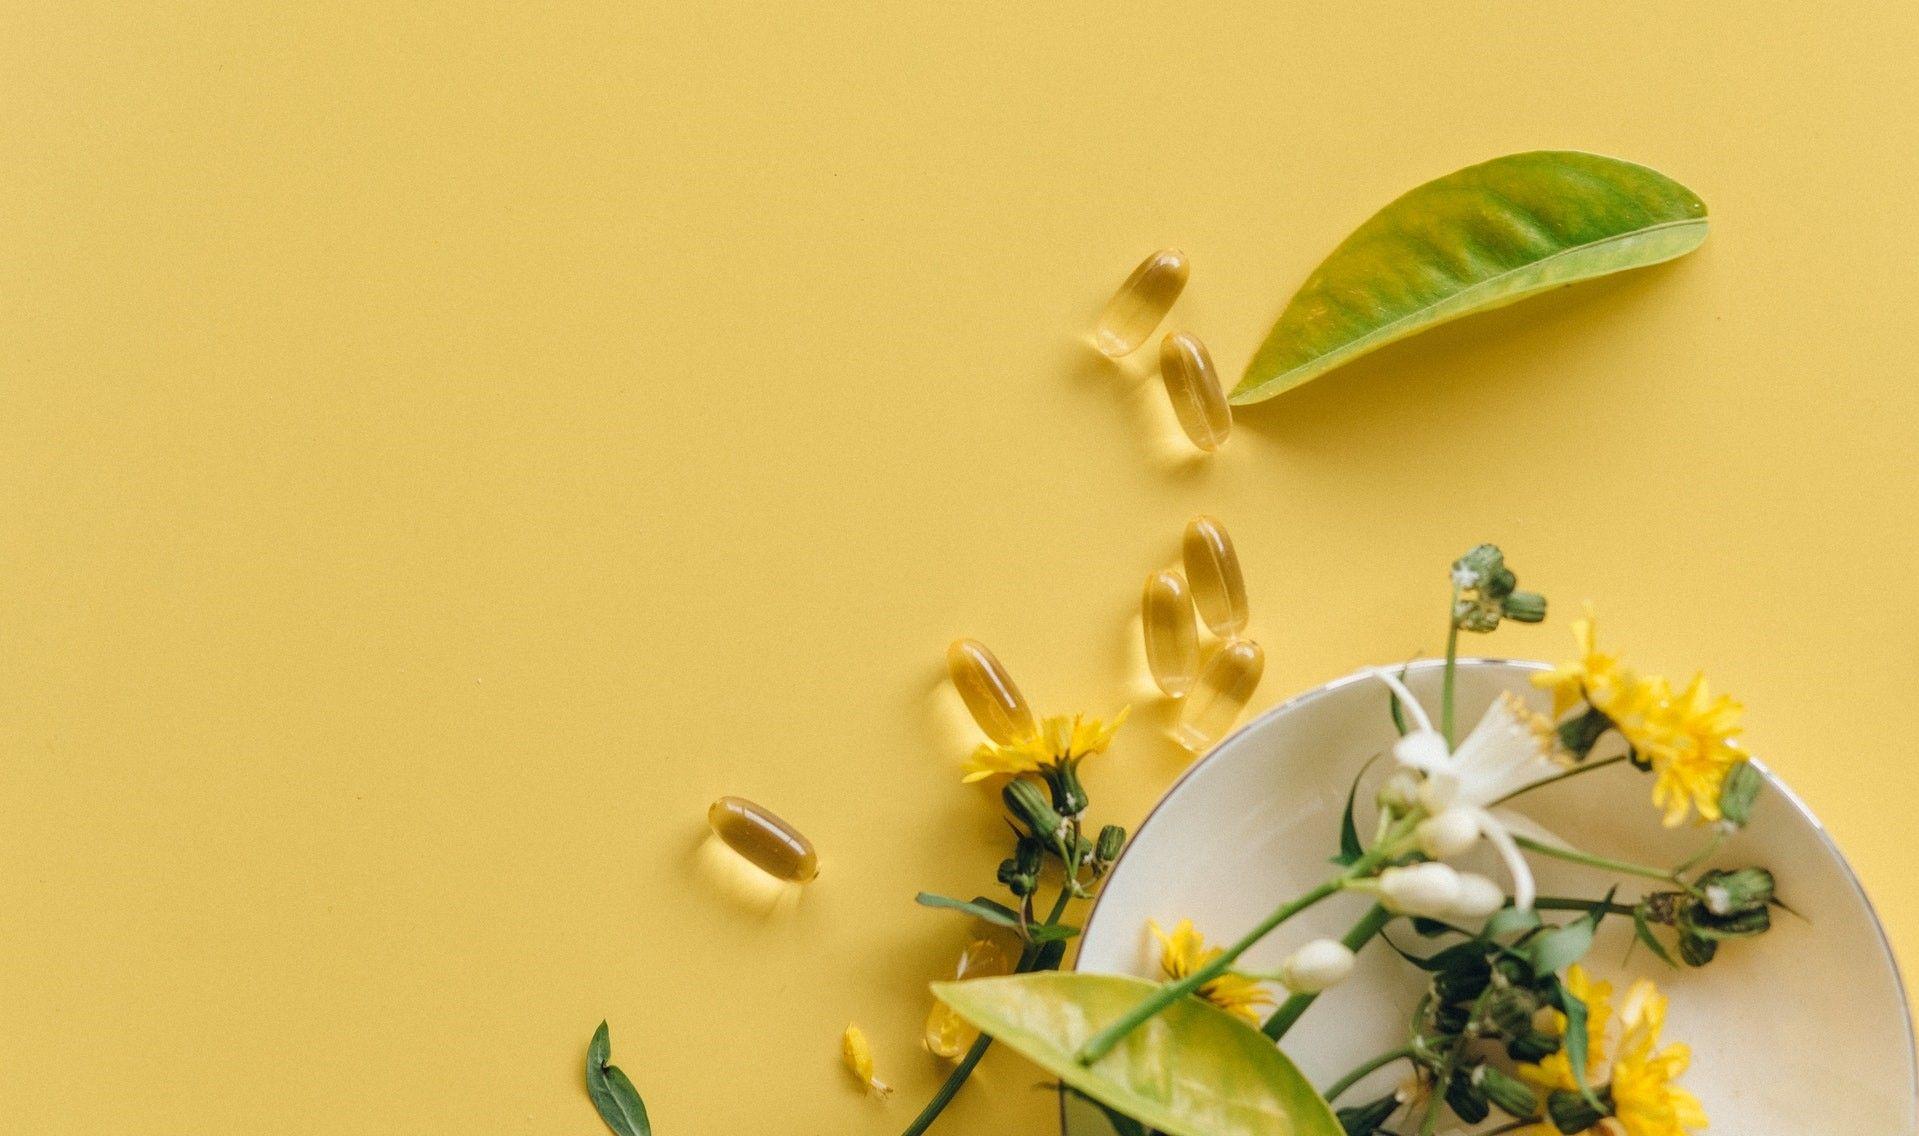 Изображение с желтым фоном на котором лежит листочек и капсула лекарства